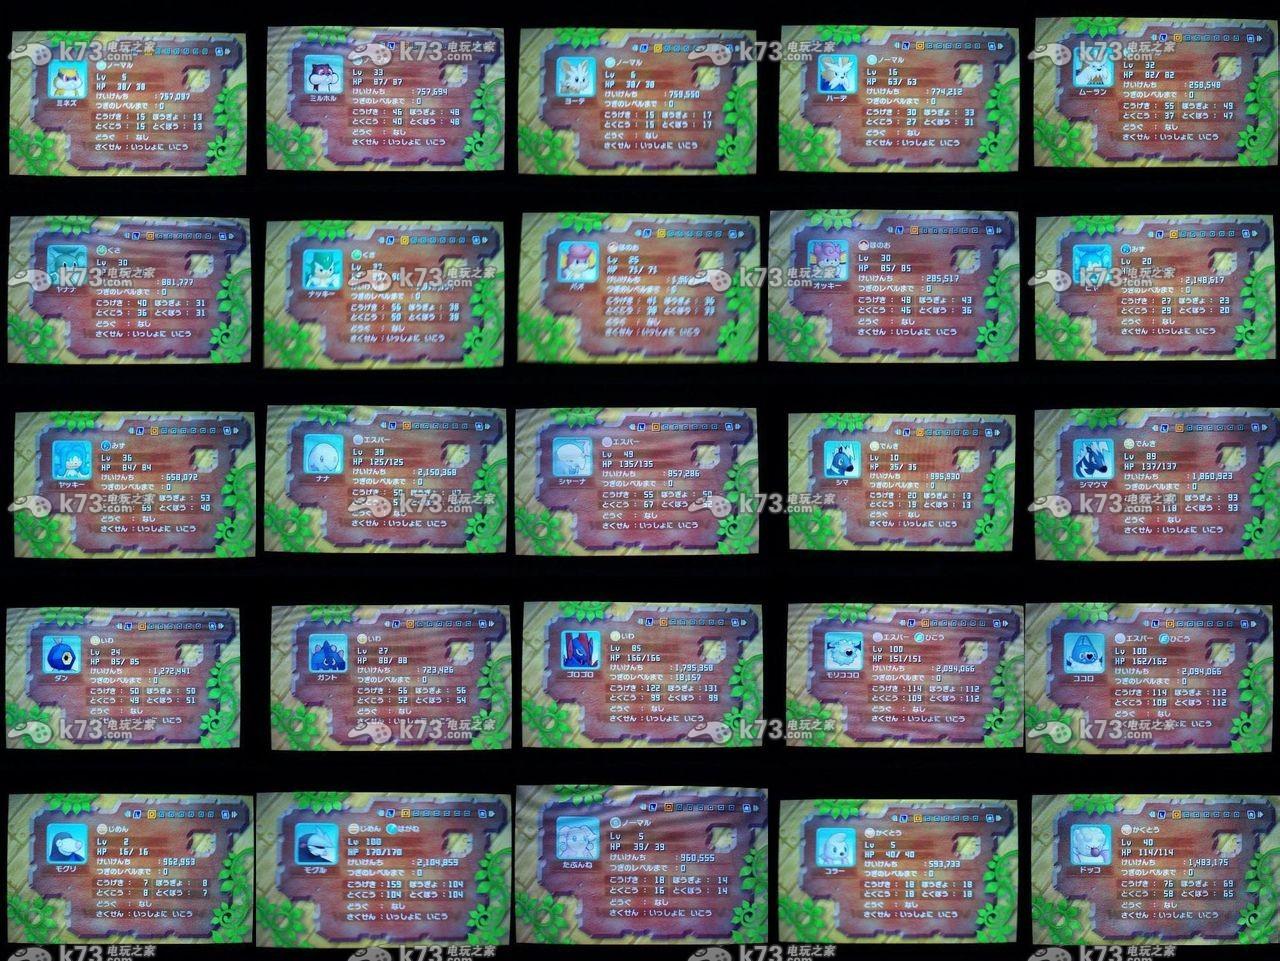 作为一款口袋妖怪题材的迷宫游戏,口袋妖怪与不可思议的迷宫系列已经形成了正传完全不同的风格,不过游戏中仍然会登陆我们非常熟知的可爱PM妖怪,下面就给大家带来本作中全部的PM妖怪的图鉴。   本作中登场的PM妖怪只有144只,因此想刷还是比较简单的。   首先是主角水水獭和搭档皮卡丘,还有其余的可选主角:    然后是其他的PM妖怪:        美洛耶塔附赠一张舞步形态的头像绘,这次的头像绘不管是线条还是配色总觉得有一些简陋的感觉,不过在奇诺栗鼠的礼物屋那里查看PM情报的话感觉就很不错.